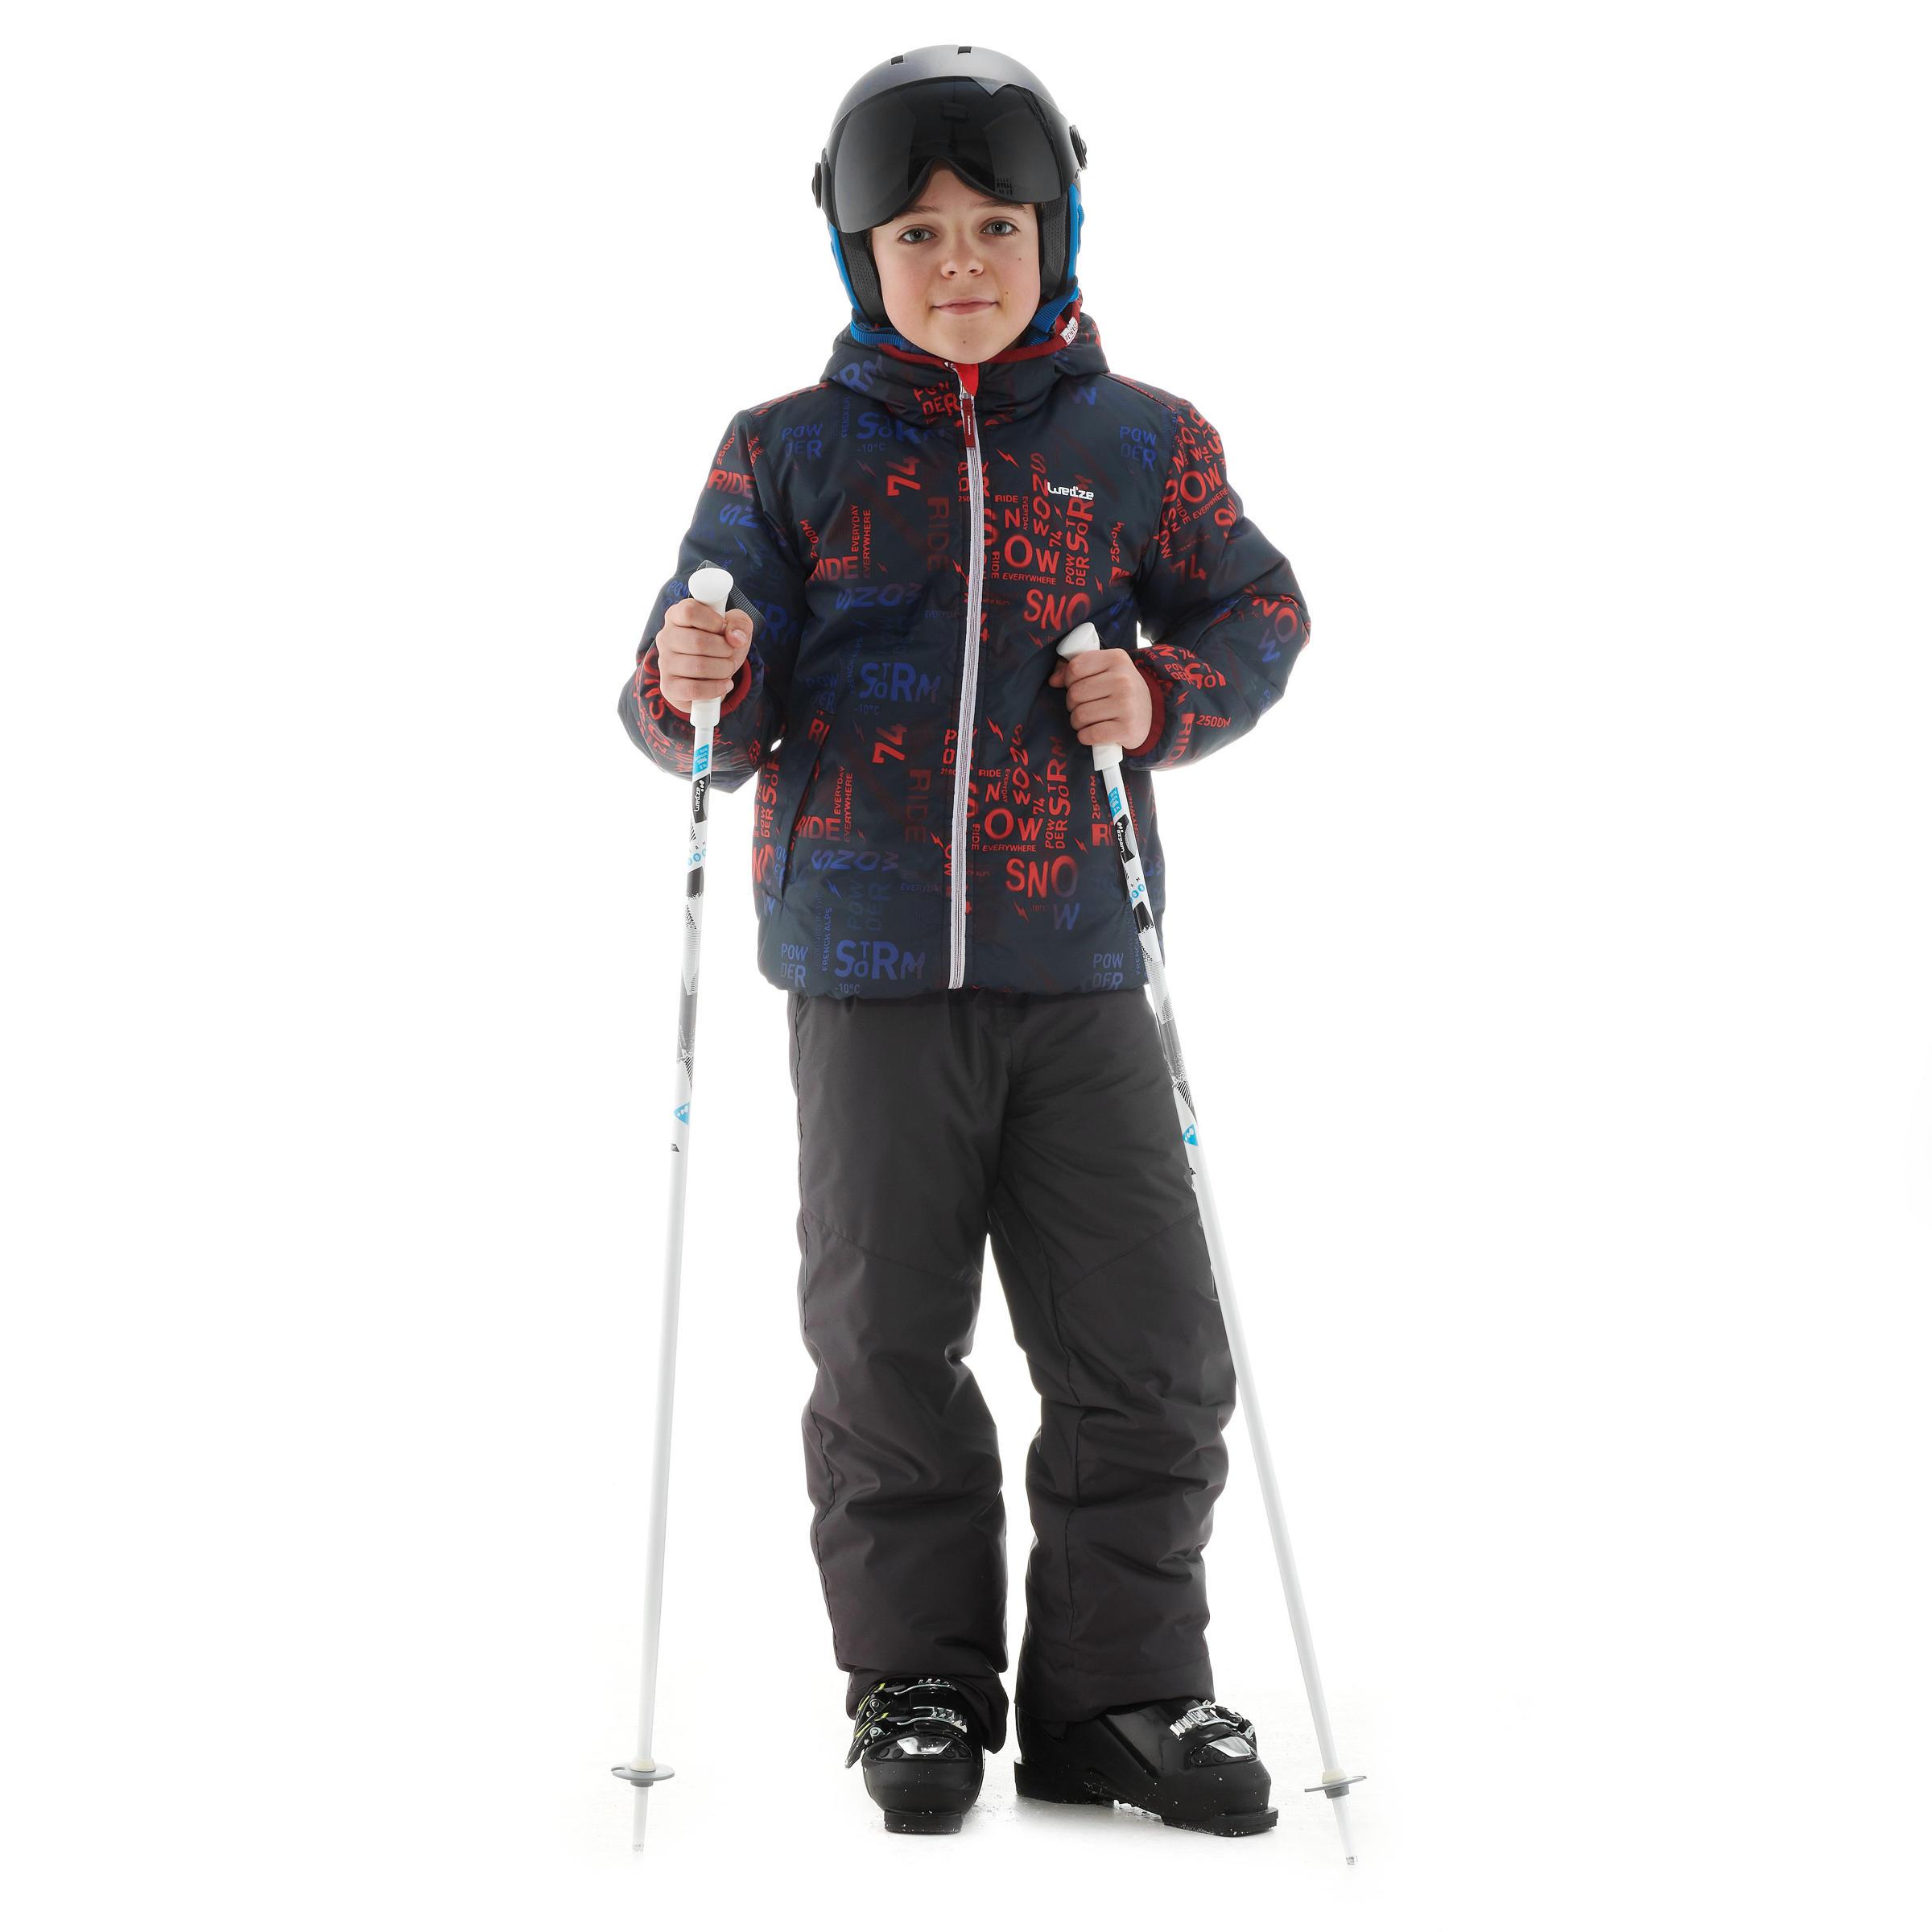 กางเกงขายาวเด็กสำหรับใส่เล่นสกีรุ่น SKI-P PA 100 (สีเทาเข้ม)